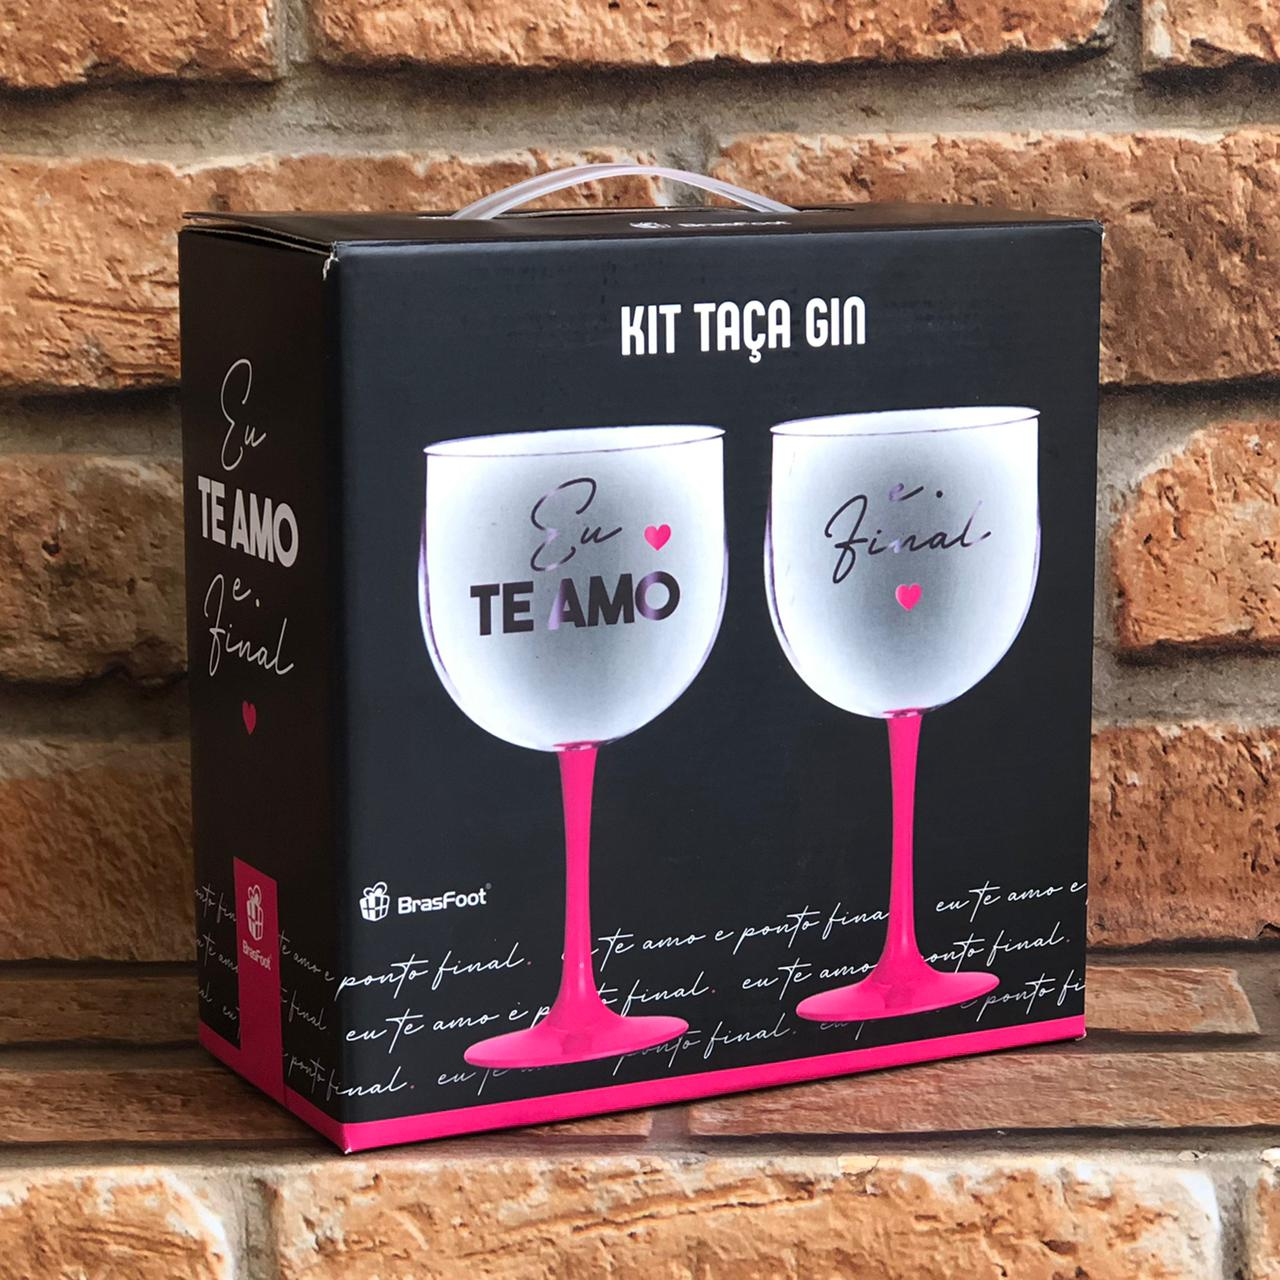 Kit Taça Gin 580ml Te Amo e Ponto Final